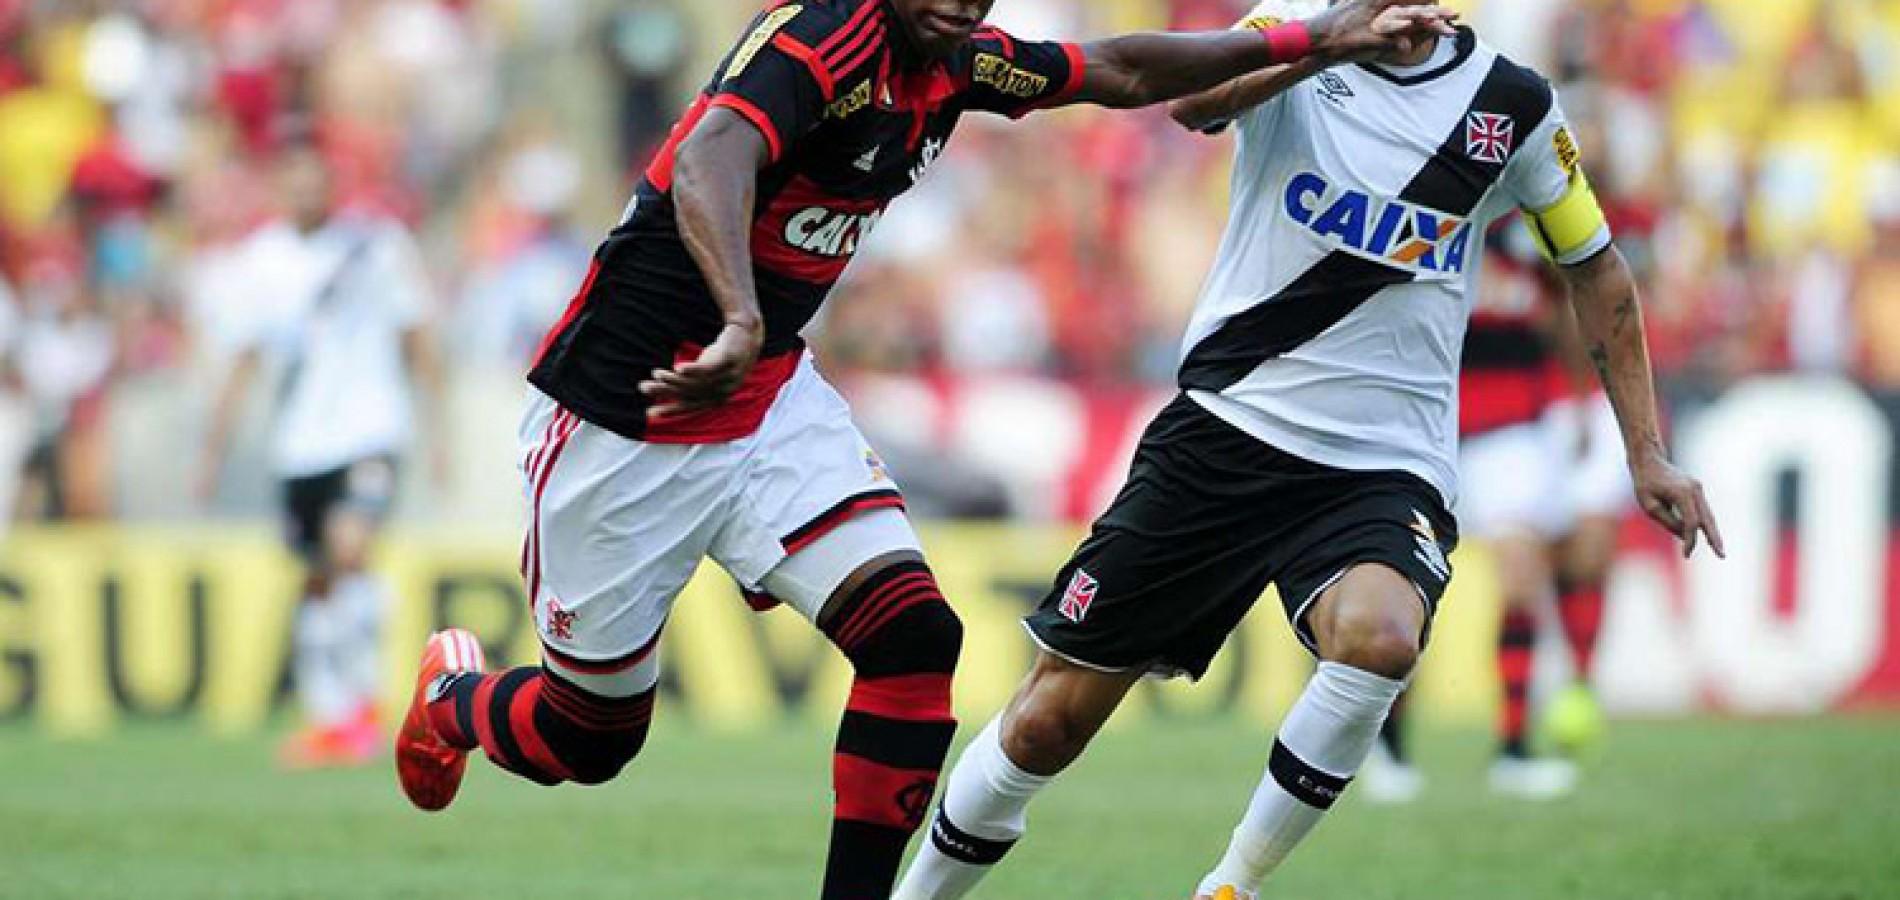 Vasco vira sobre Flamengo e chega à quinta vitória em seis jogos